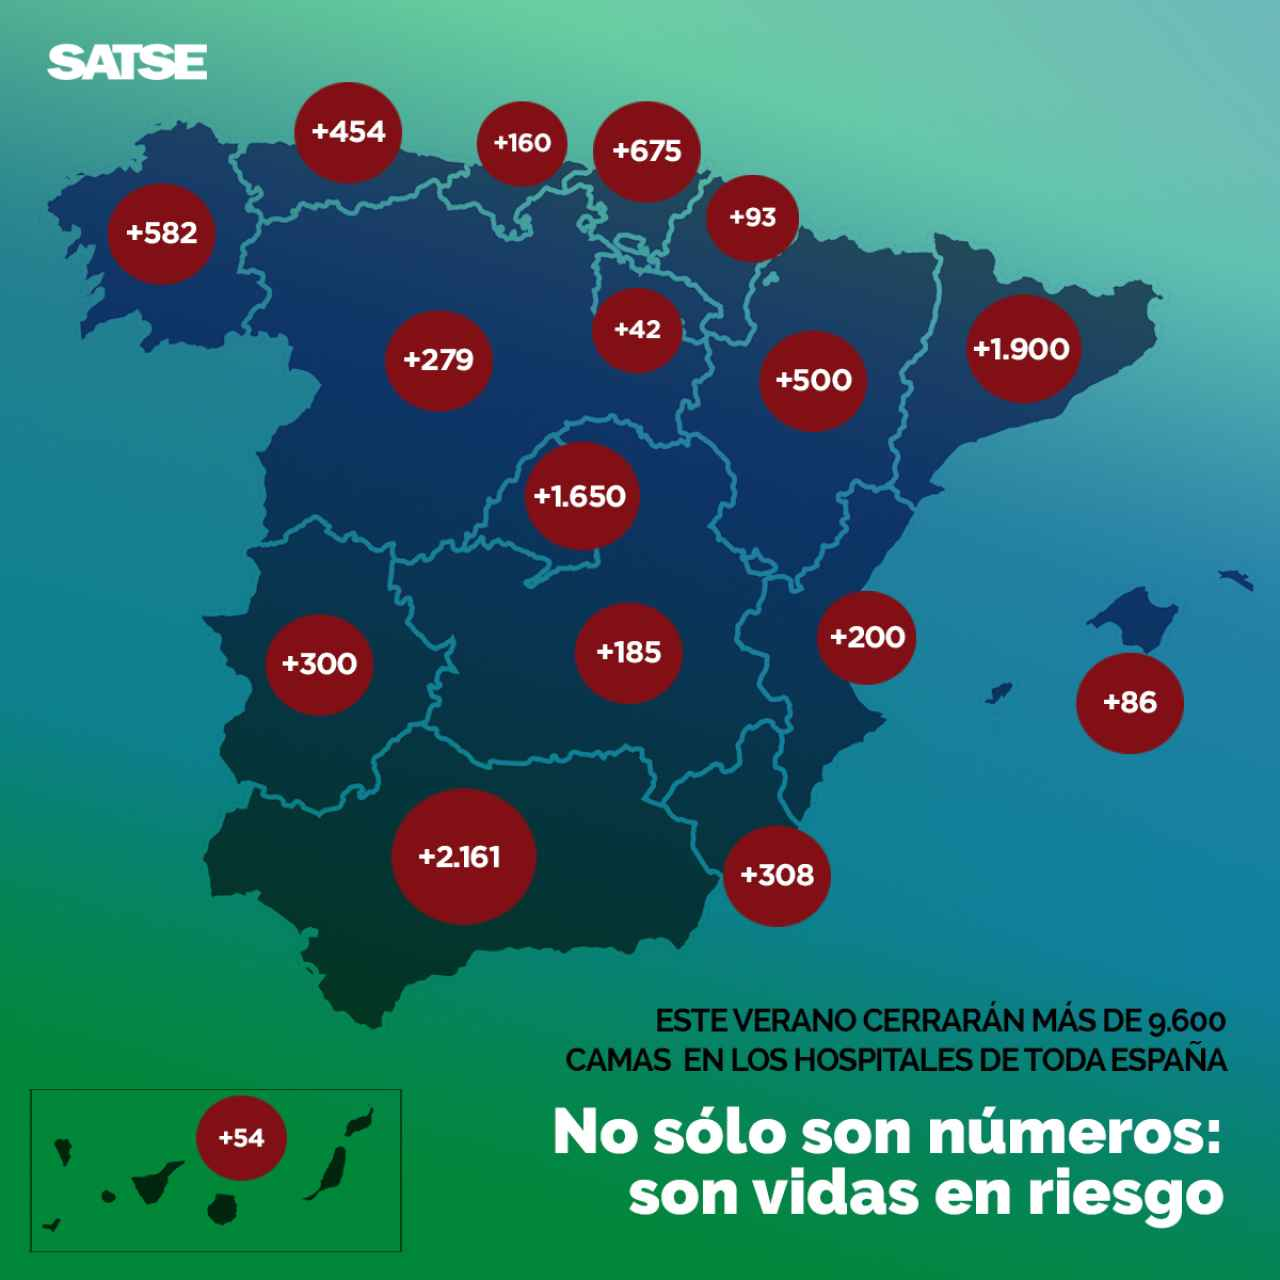 Mapa elaborado por el sindicato SATSE.